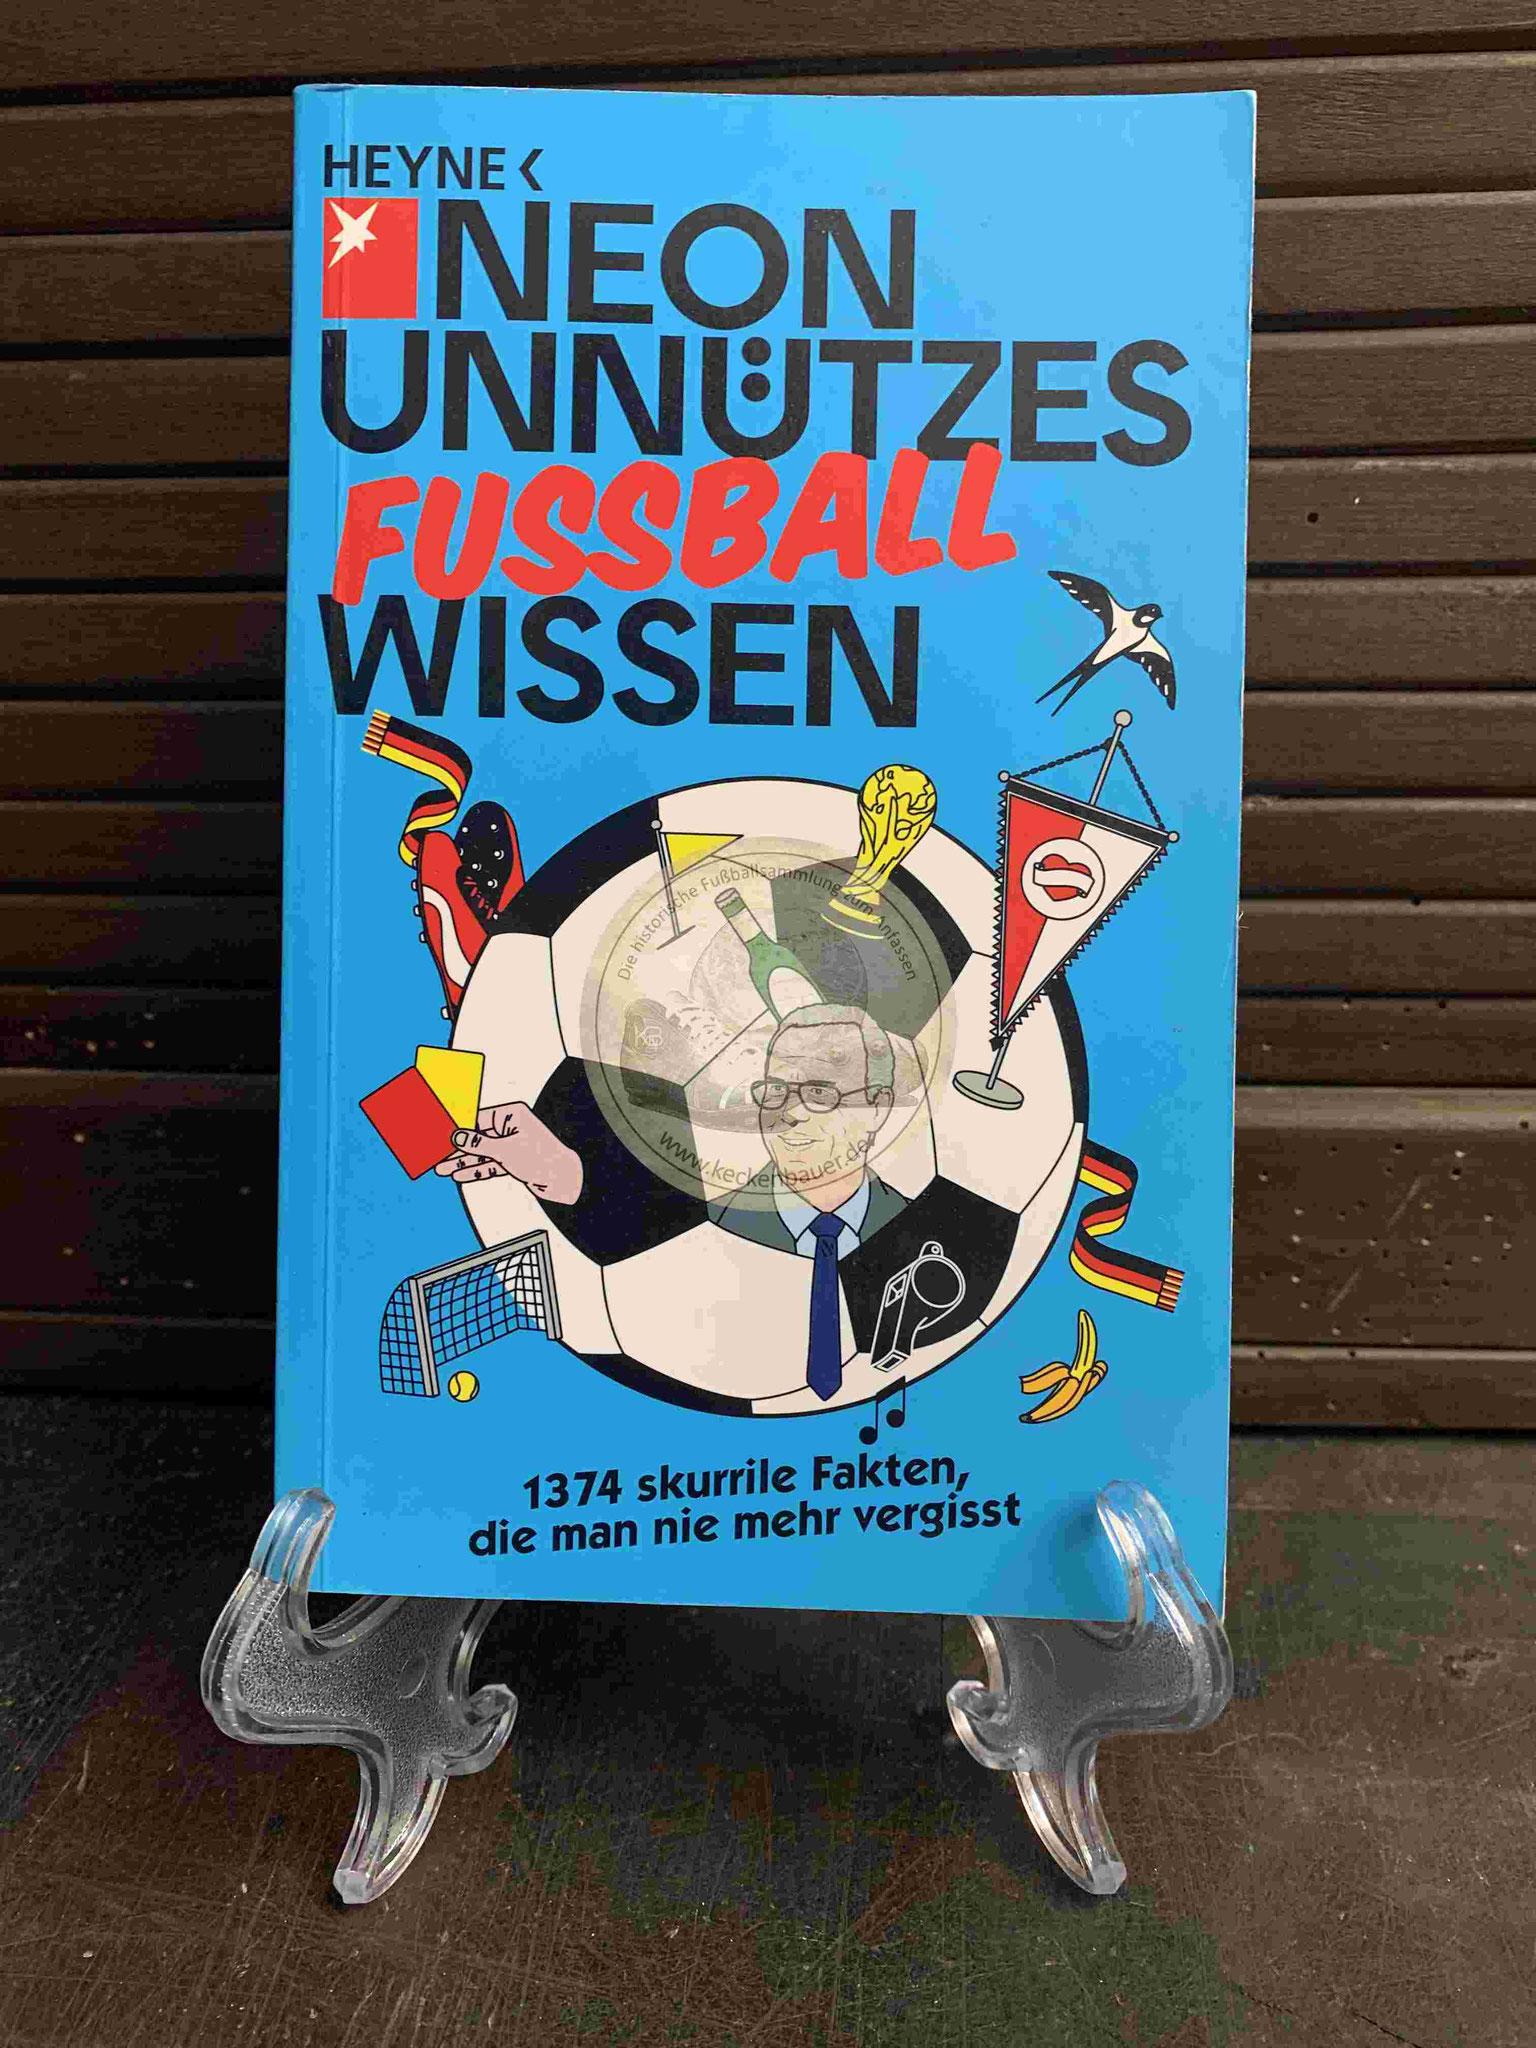 NEON Unnützes Fussball Wissen aus dem Jahr 2012